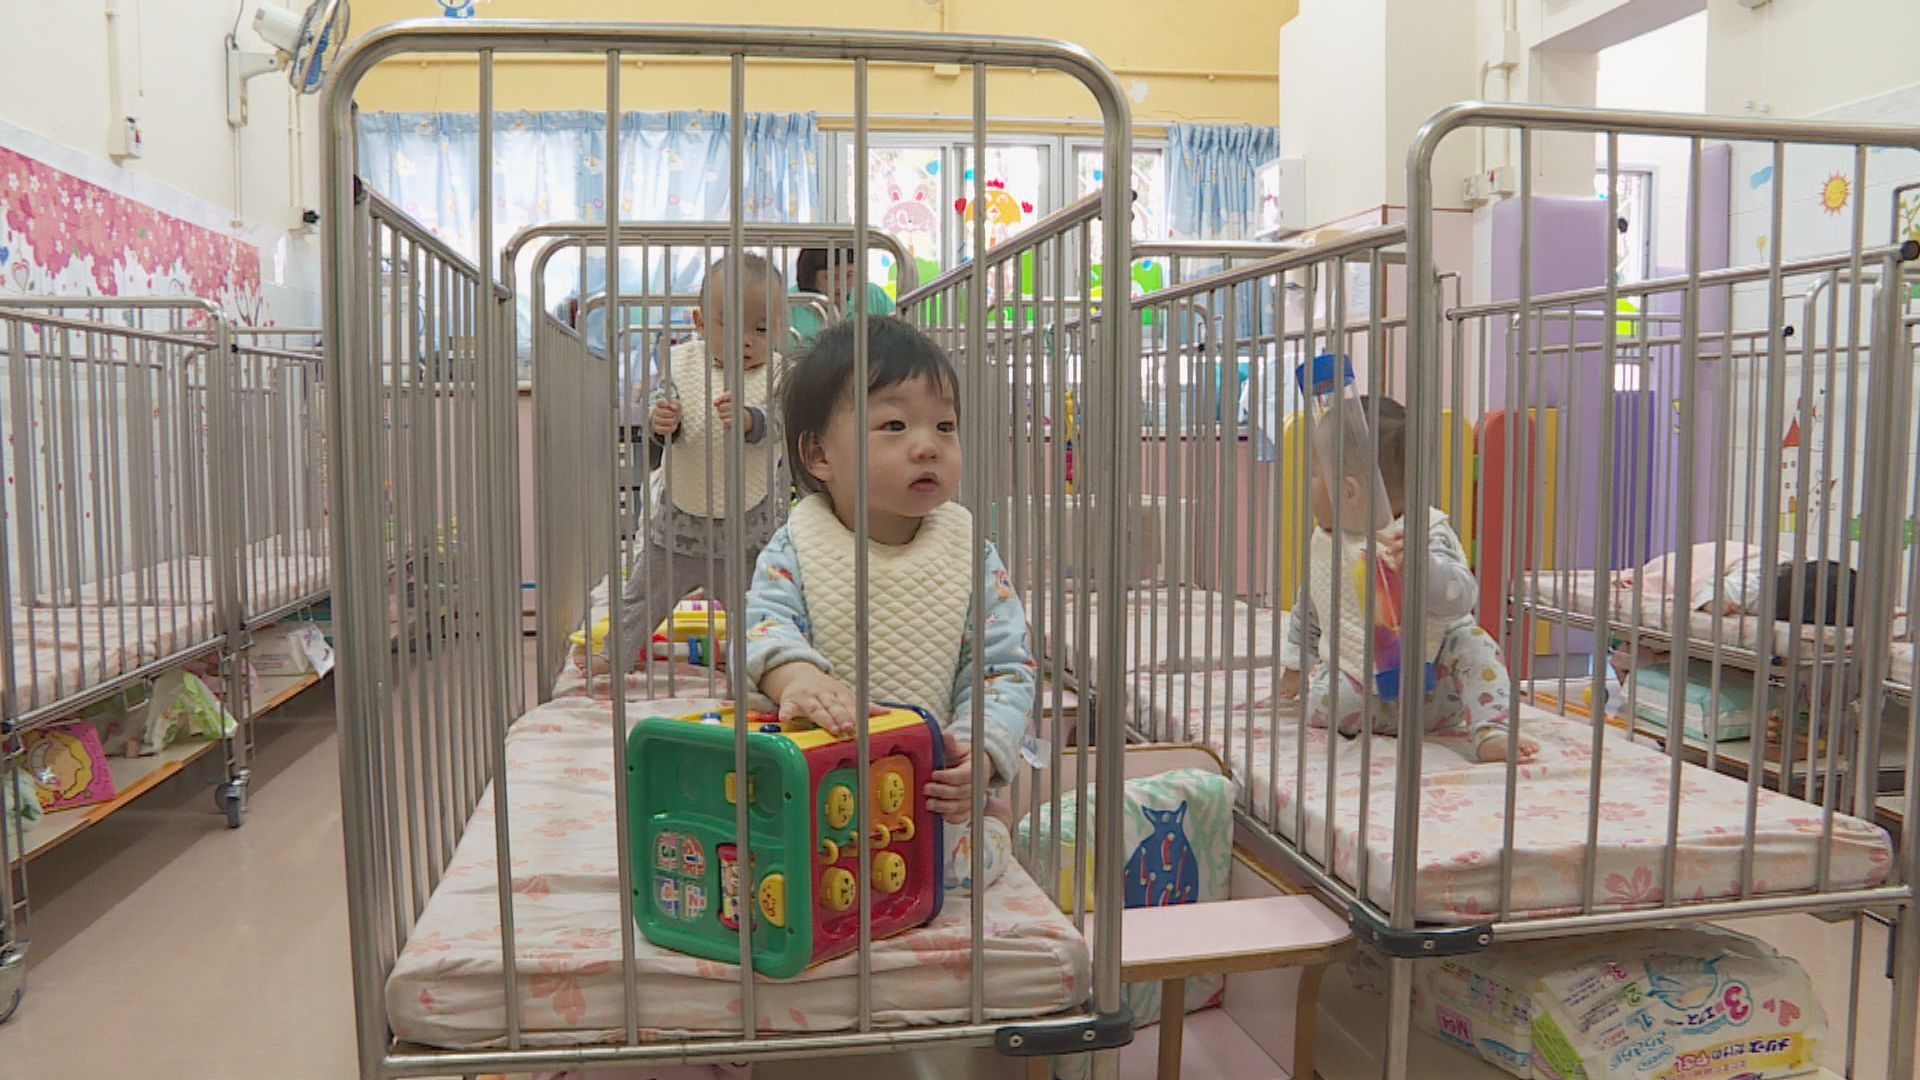 【經緯線本周提要】幼兒中心供不應求 託兒有幾難?